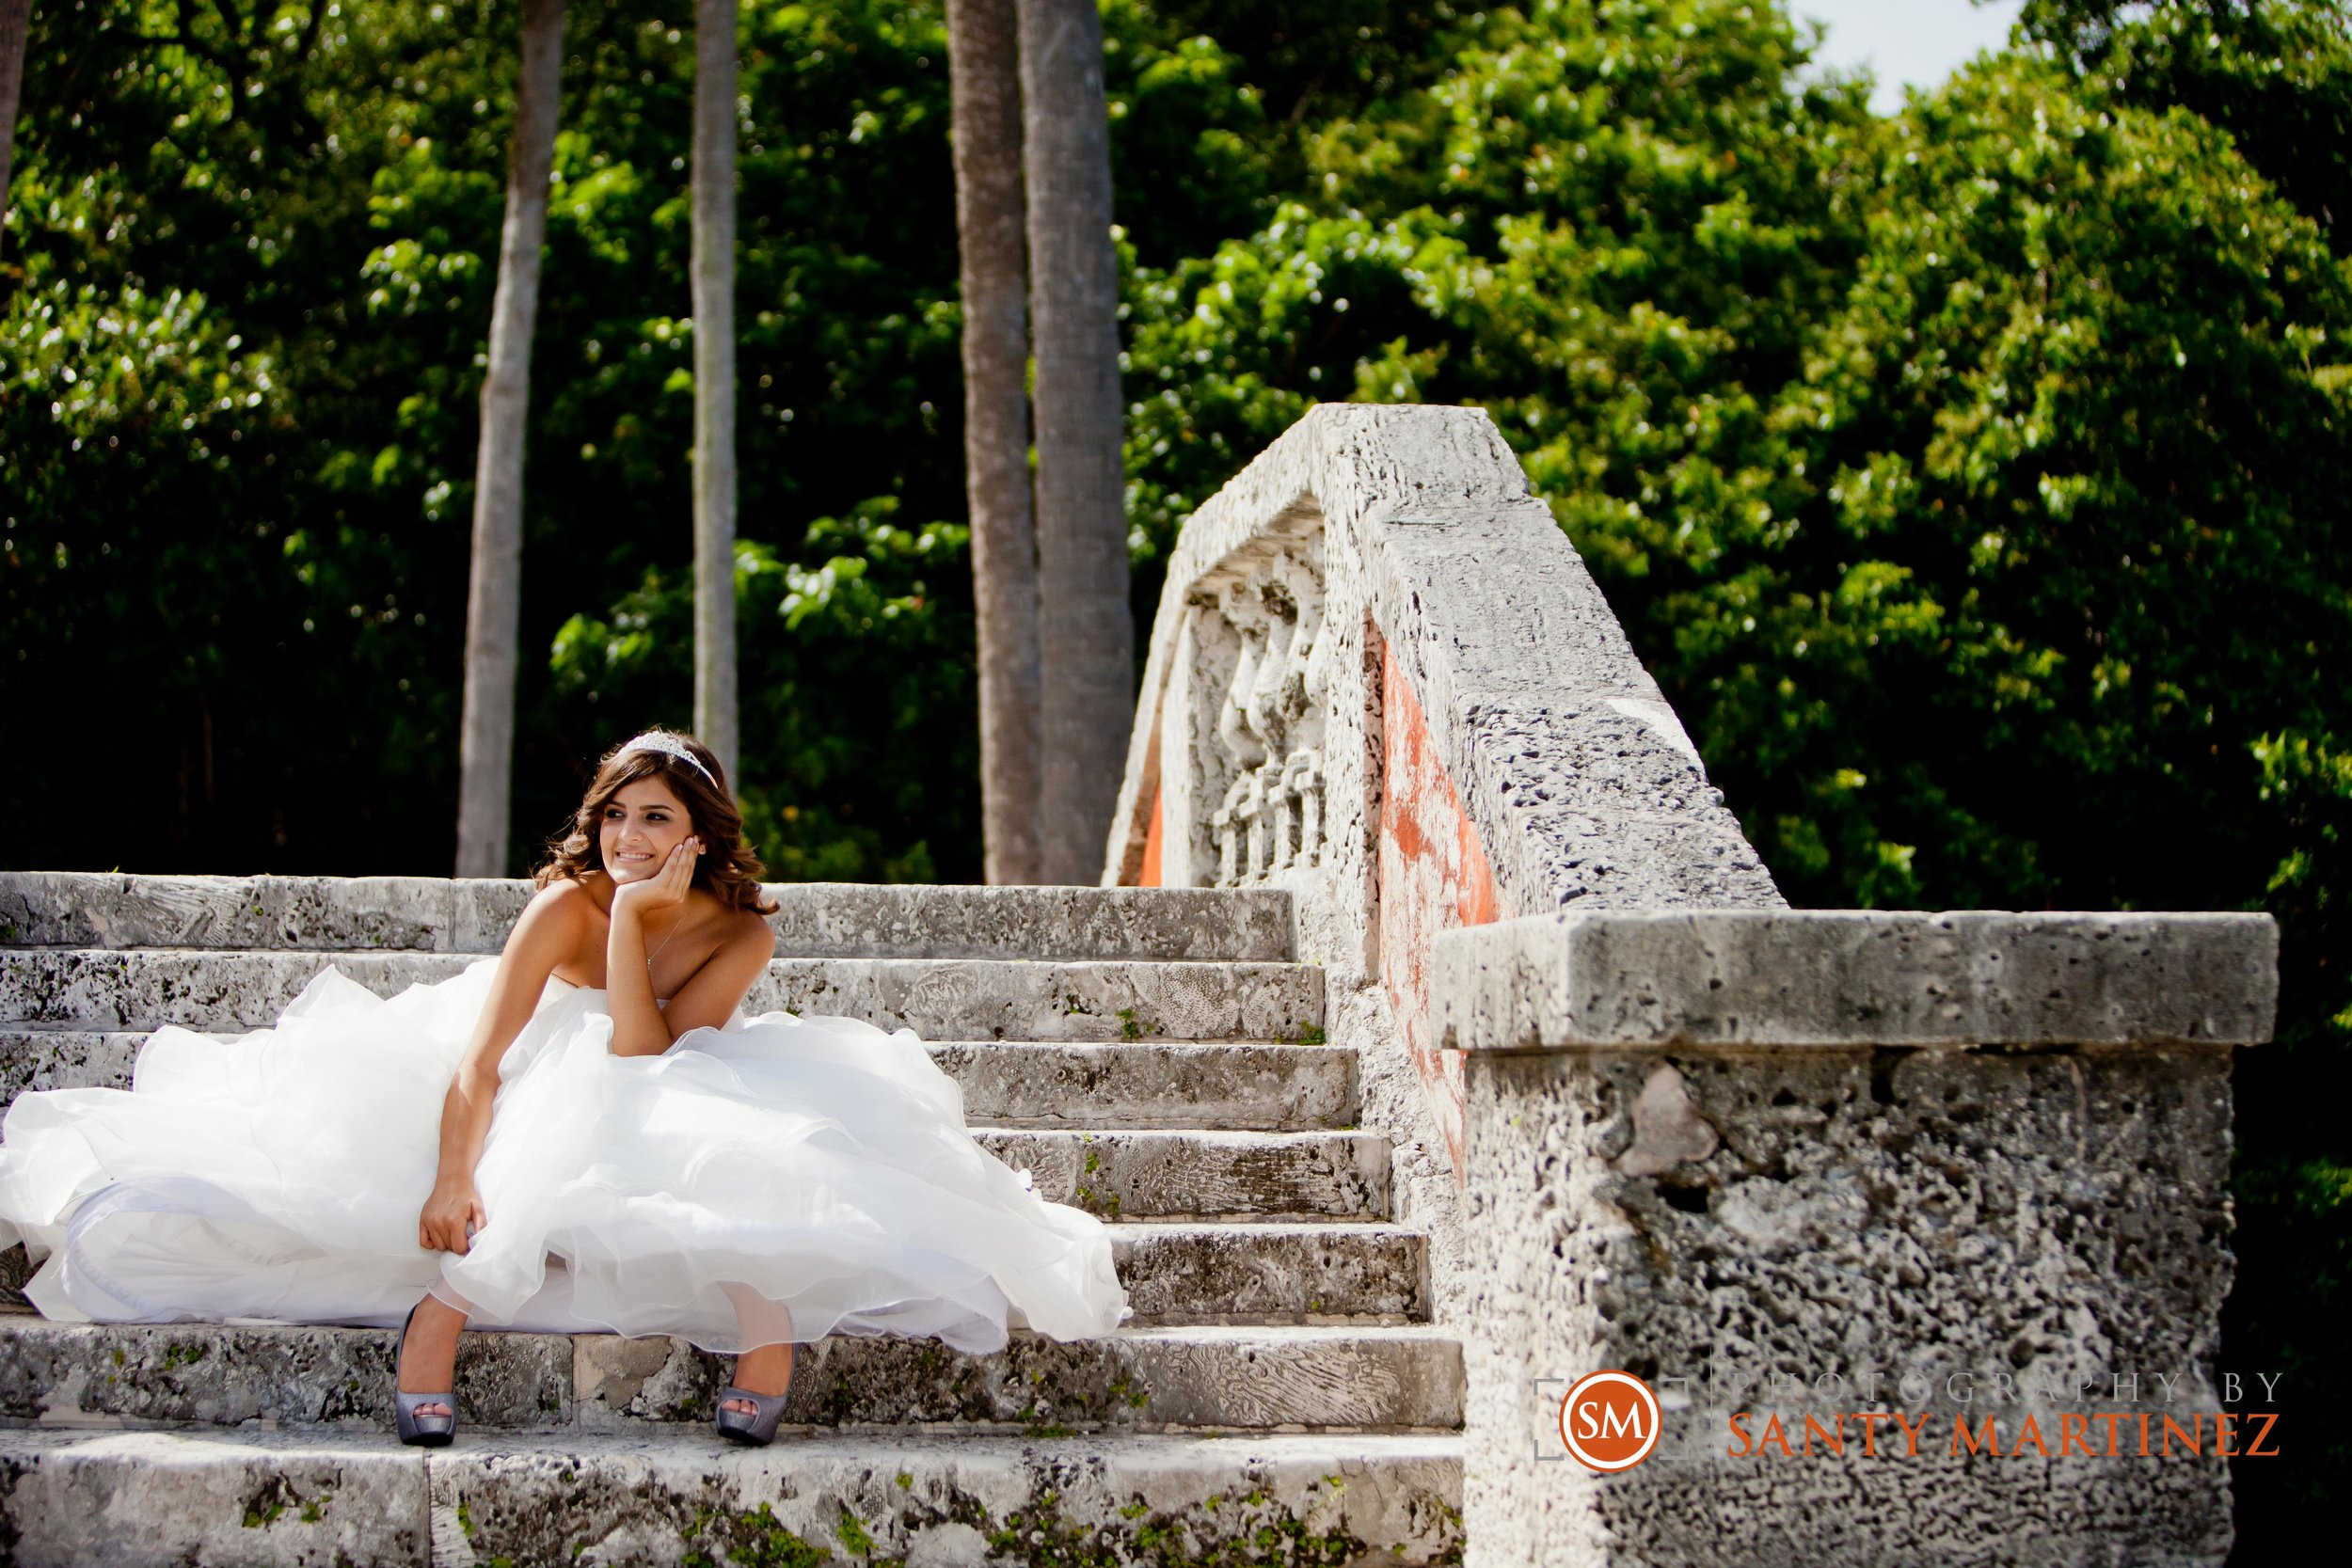 Miami Quinces Photographers - Santy Martinez -16-1.jpg